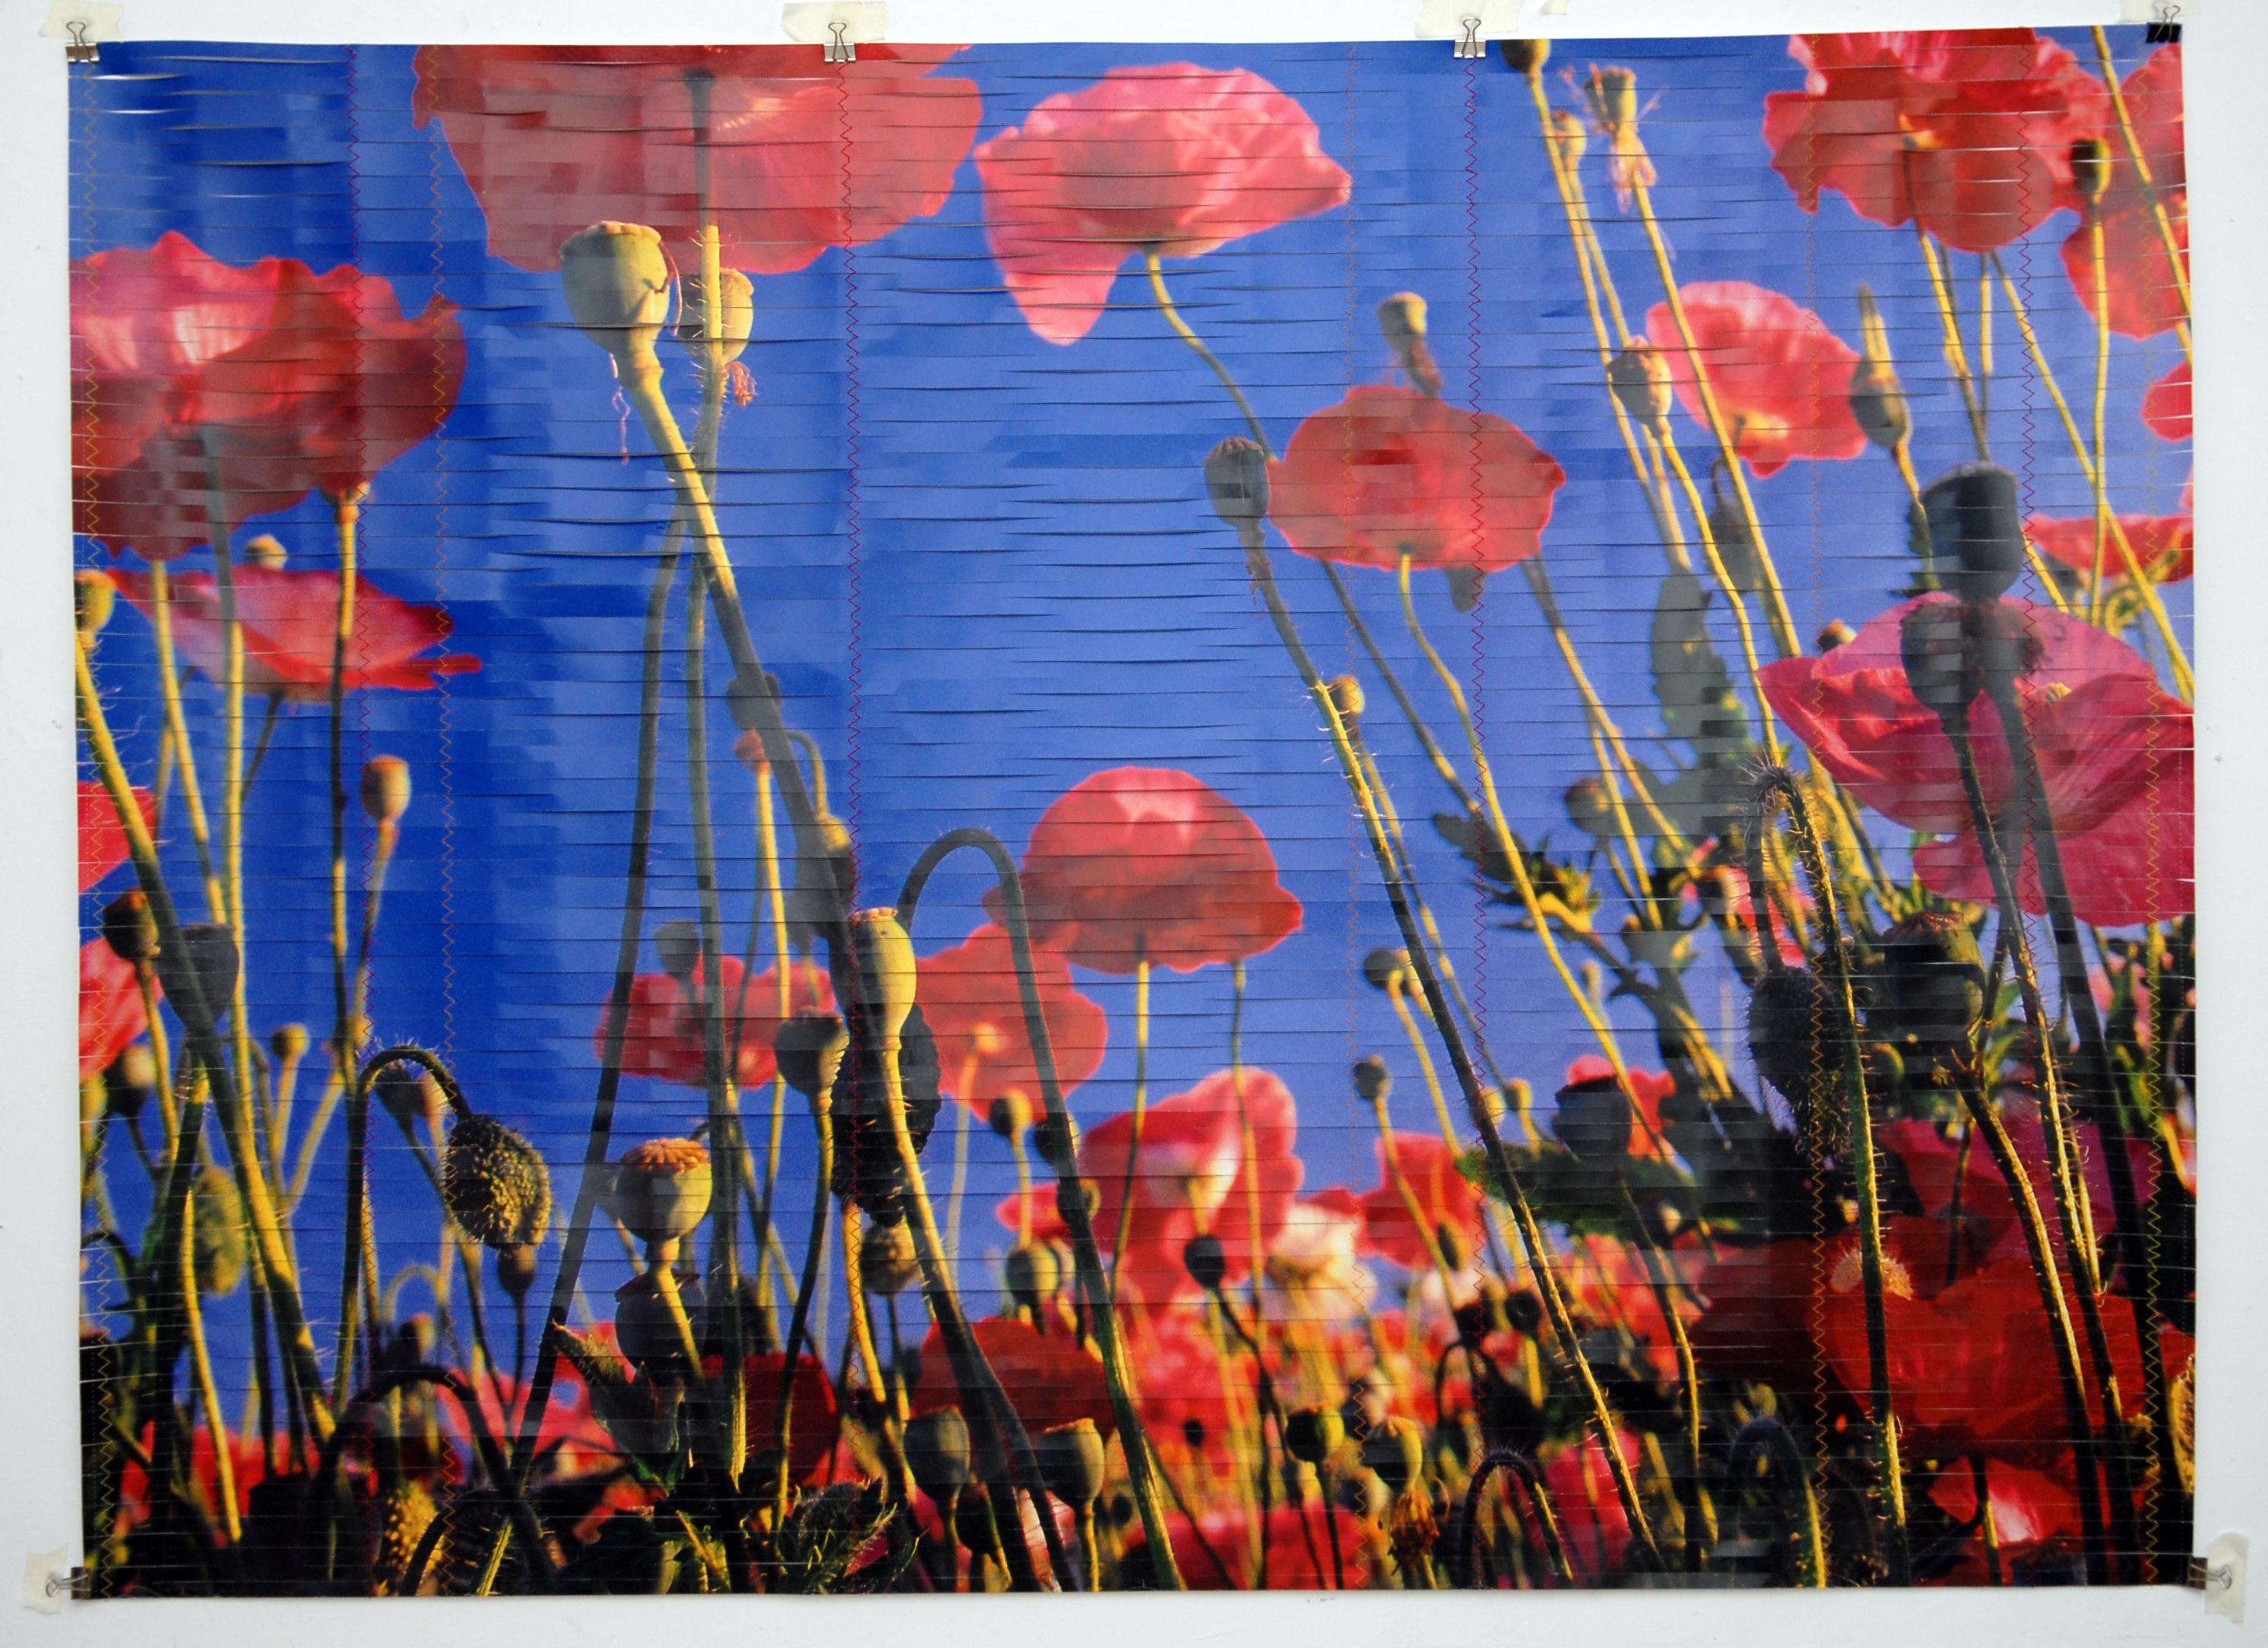 Papaveri, 2010, cuciture su poster tagliato, cm 96 x 132